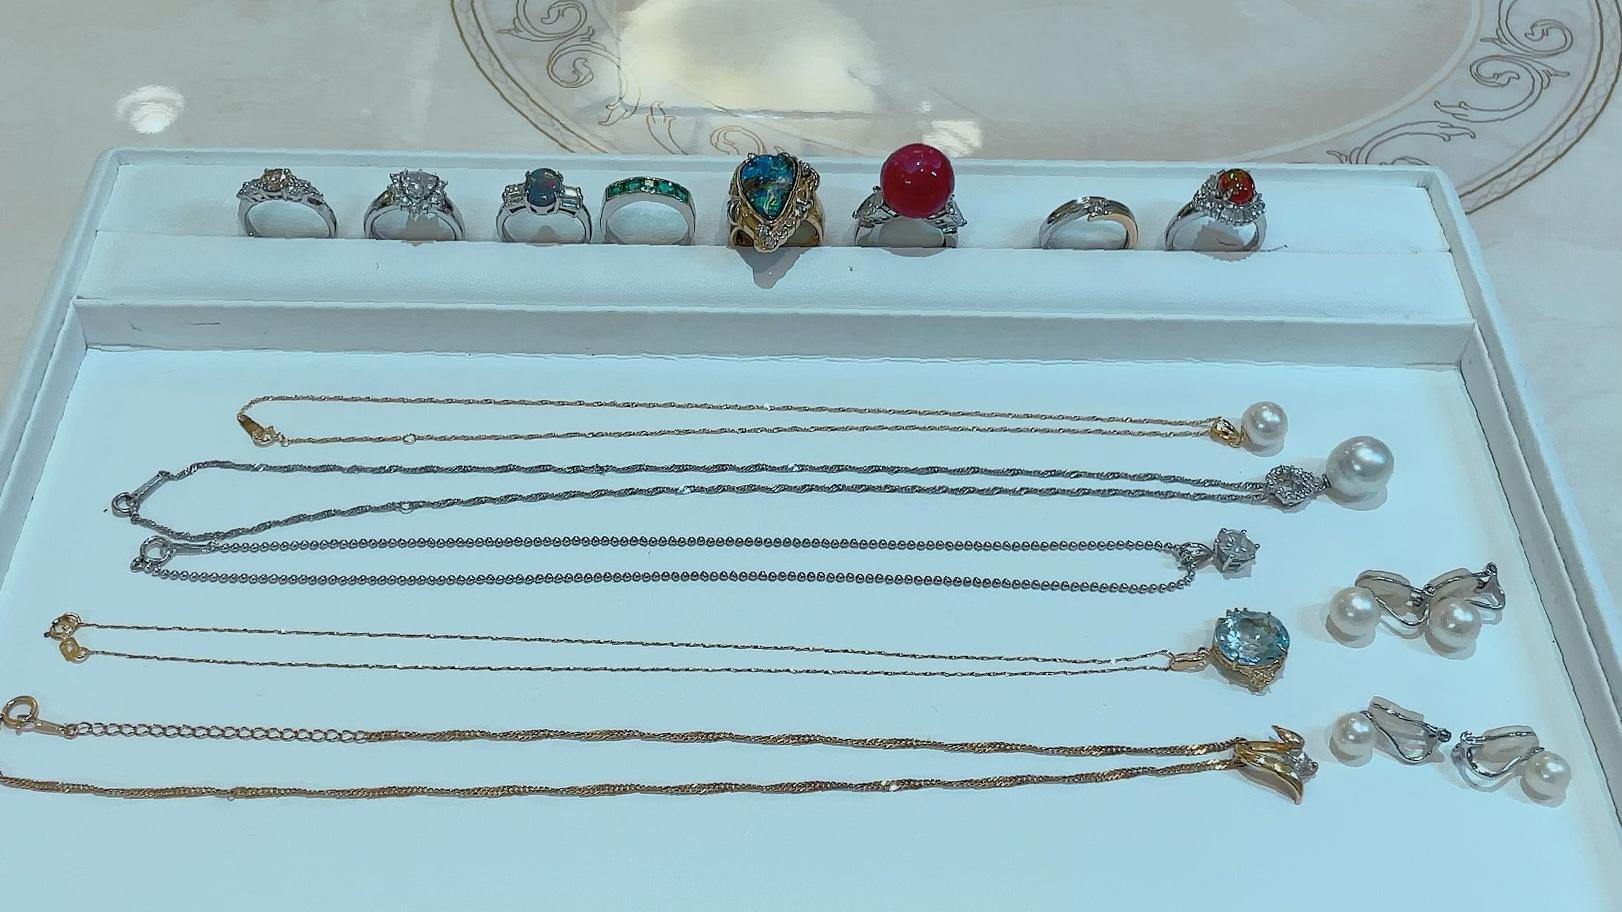 【買取速報】エメラルド、オパール、ダイヤモンド、パール、ブラックオパール、ボルダーオパール、-2021-10-08